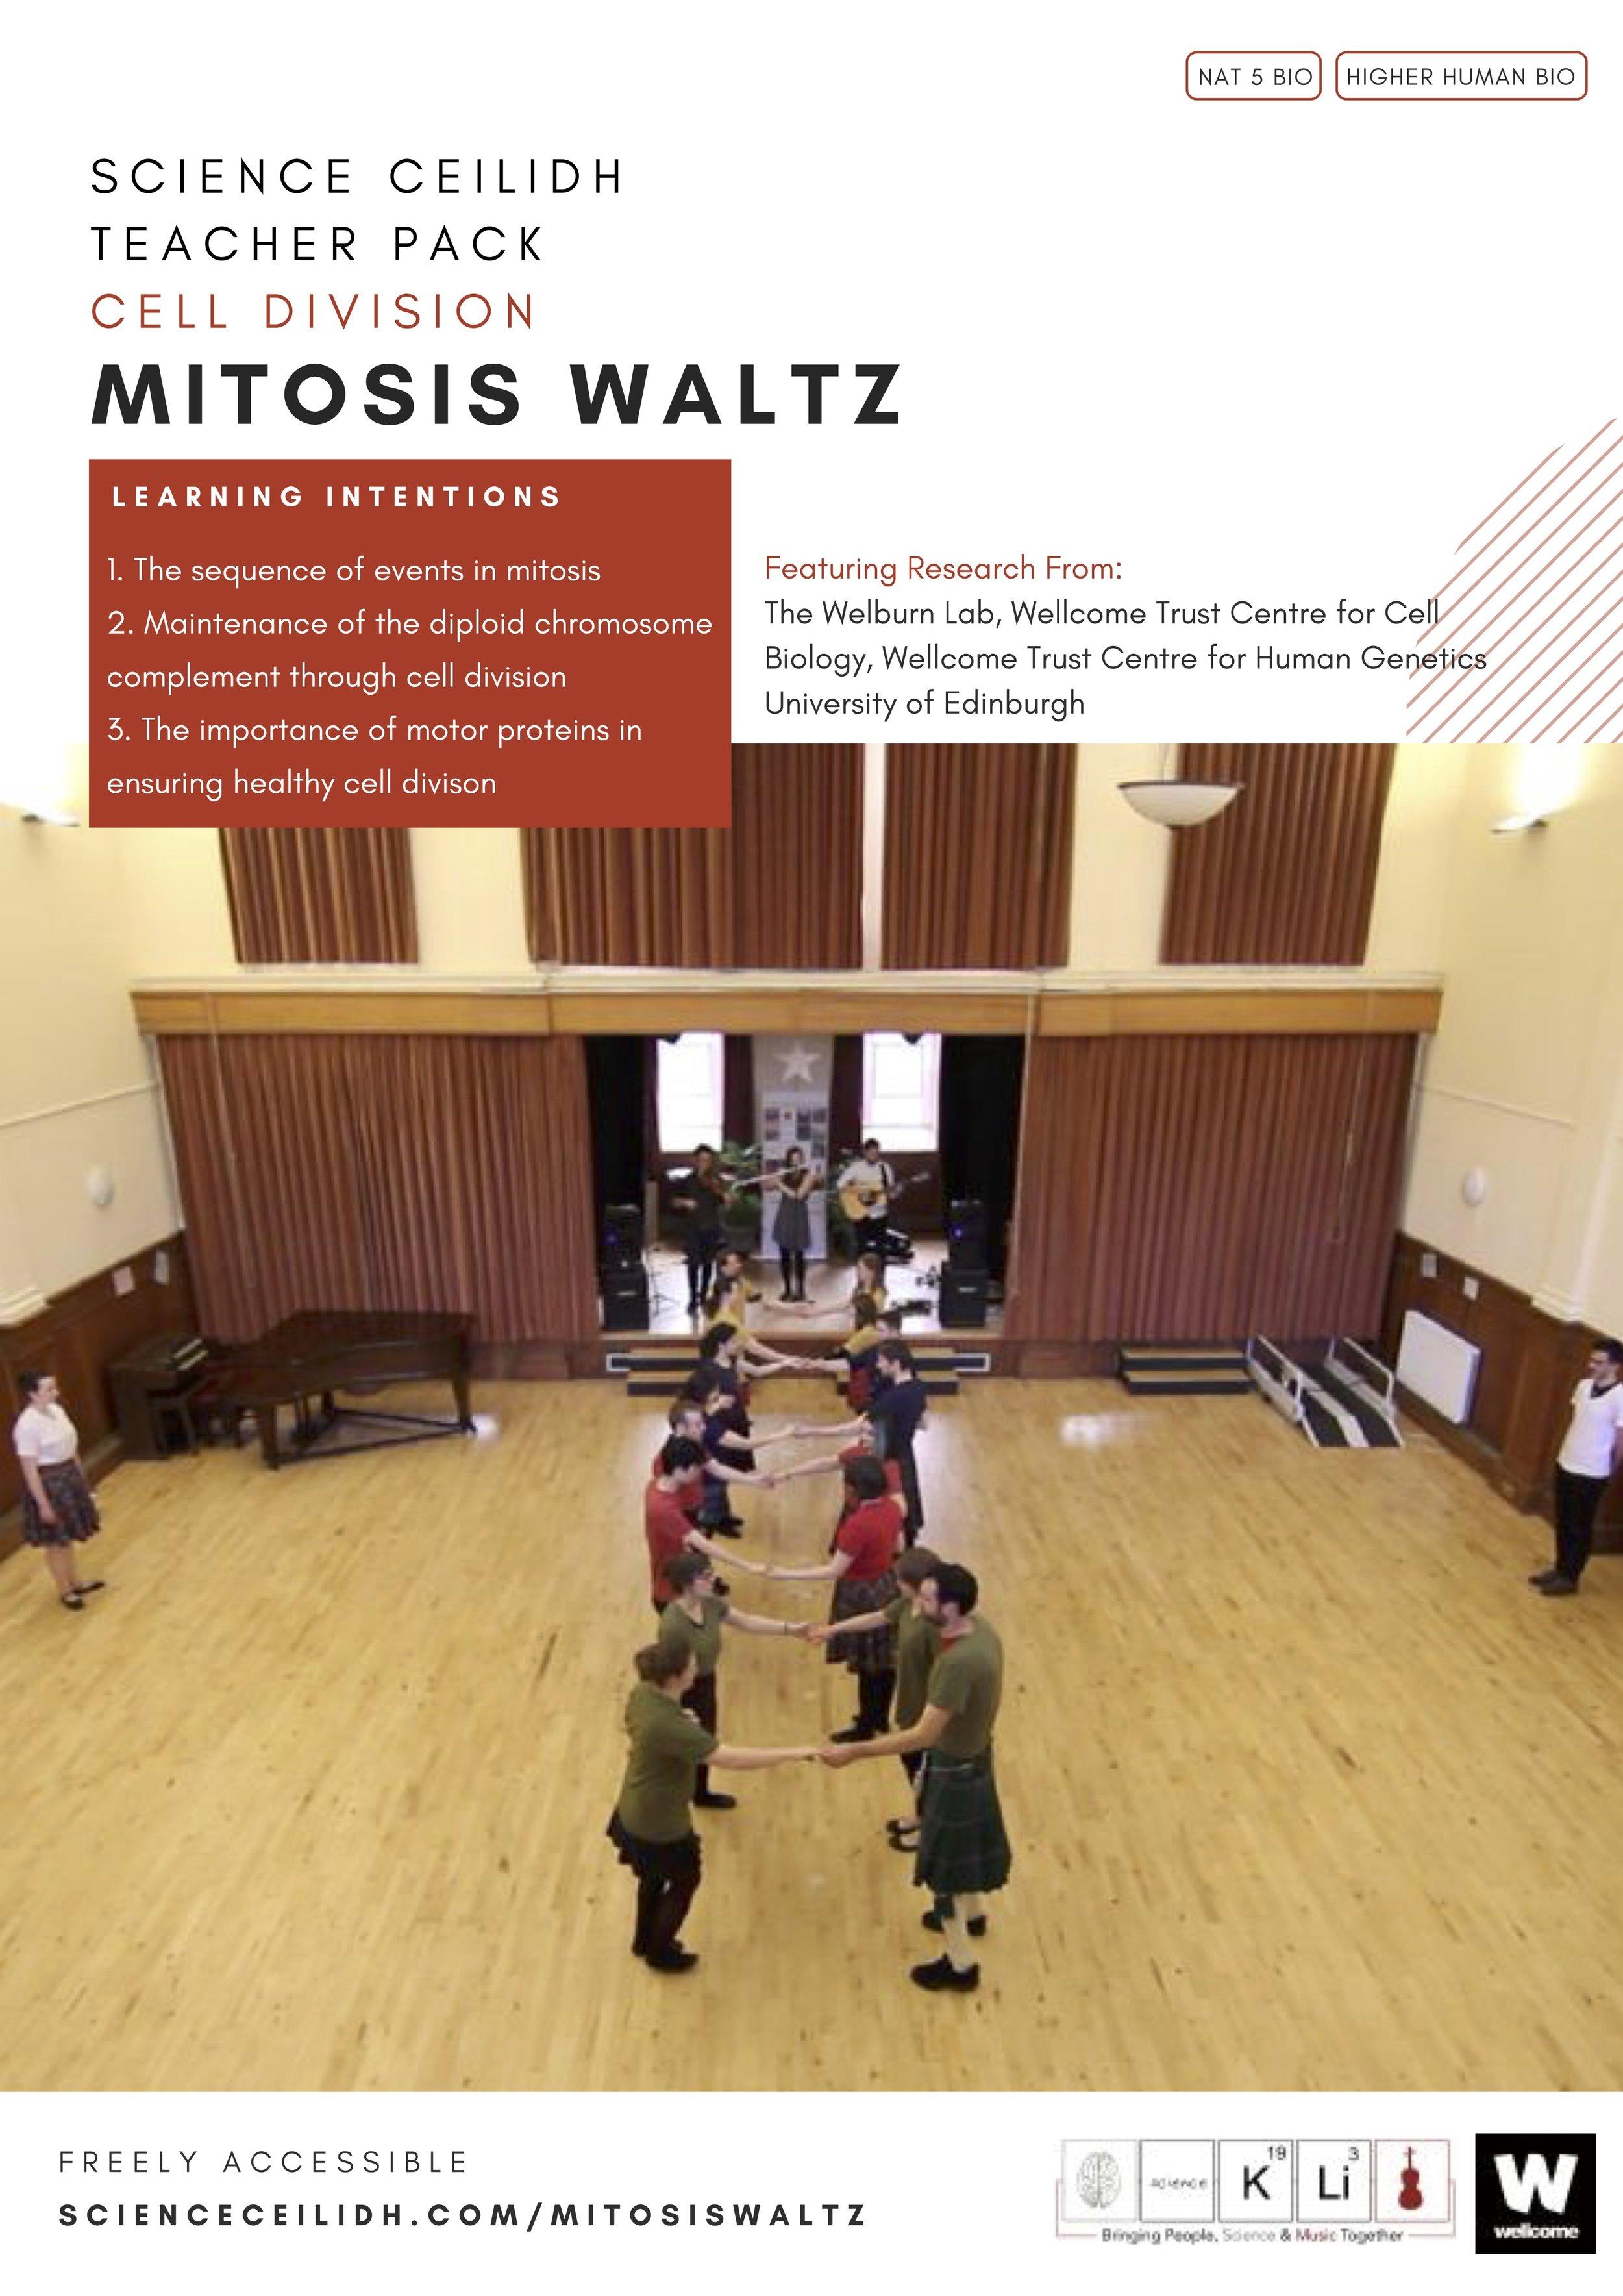 Mitosis Waltz (5).jpg